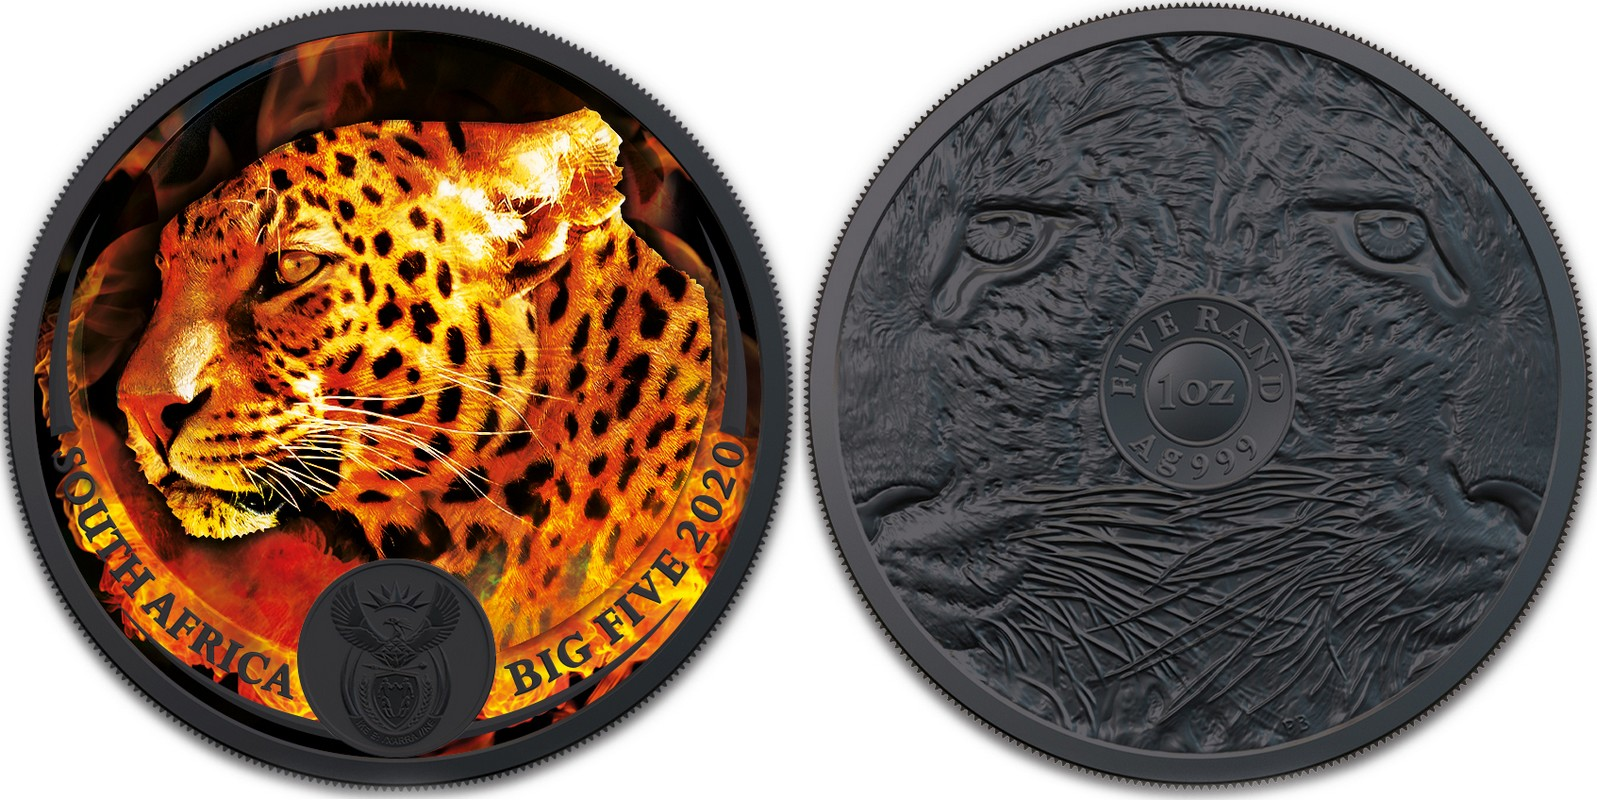 afrique-du-sud-2020-big-five-burning-leopard